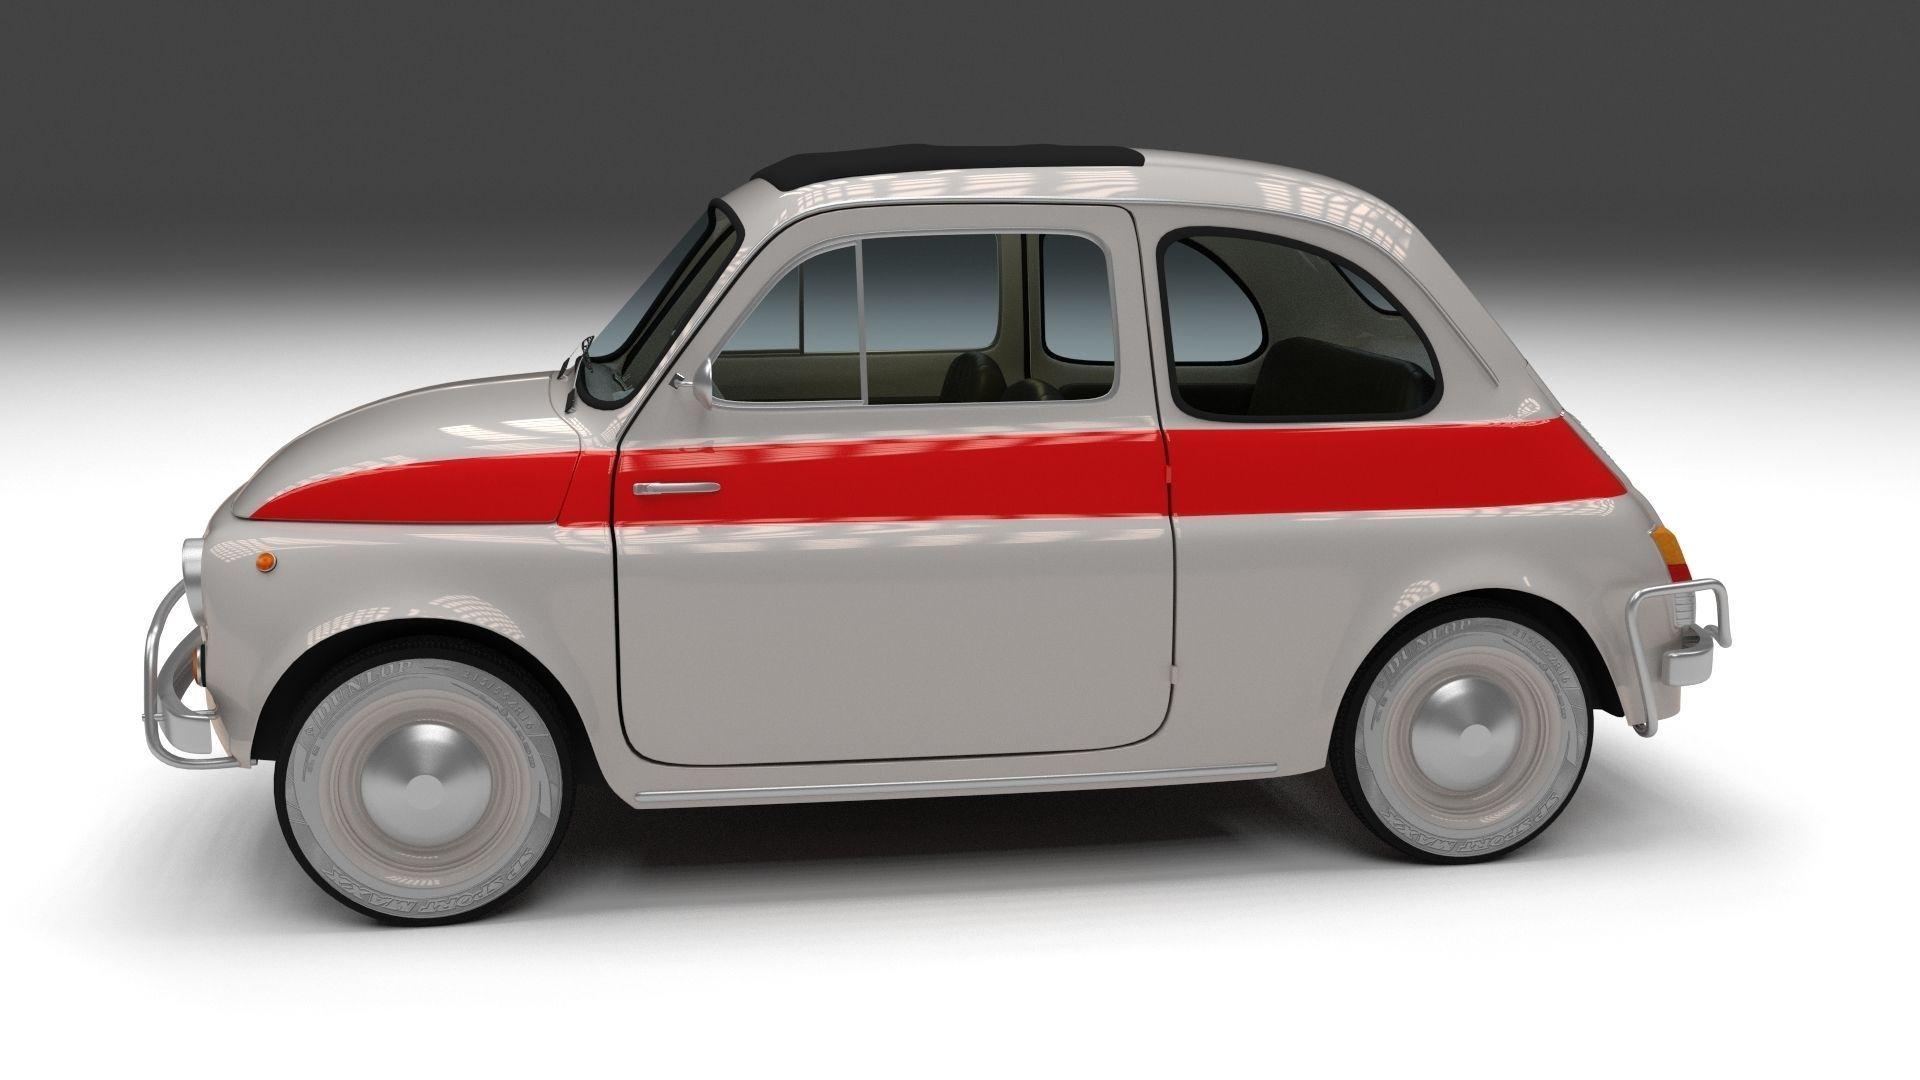 3d model fiat 500 nuova sport 1958 vr ar low poly obj. Black Bedroom Furniture Sets. Home Design Ideas